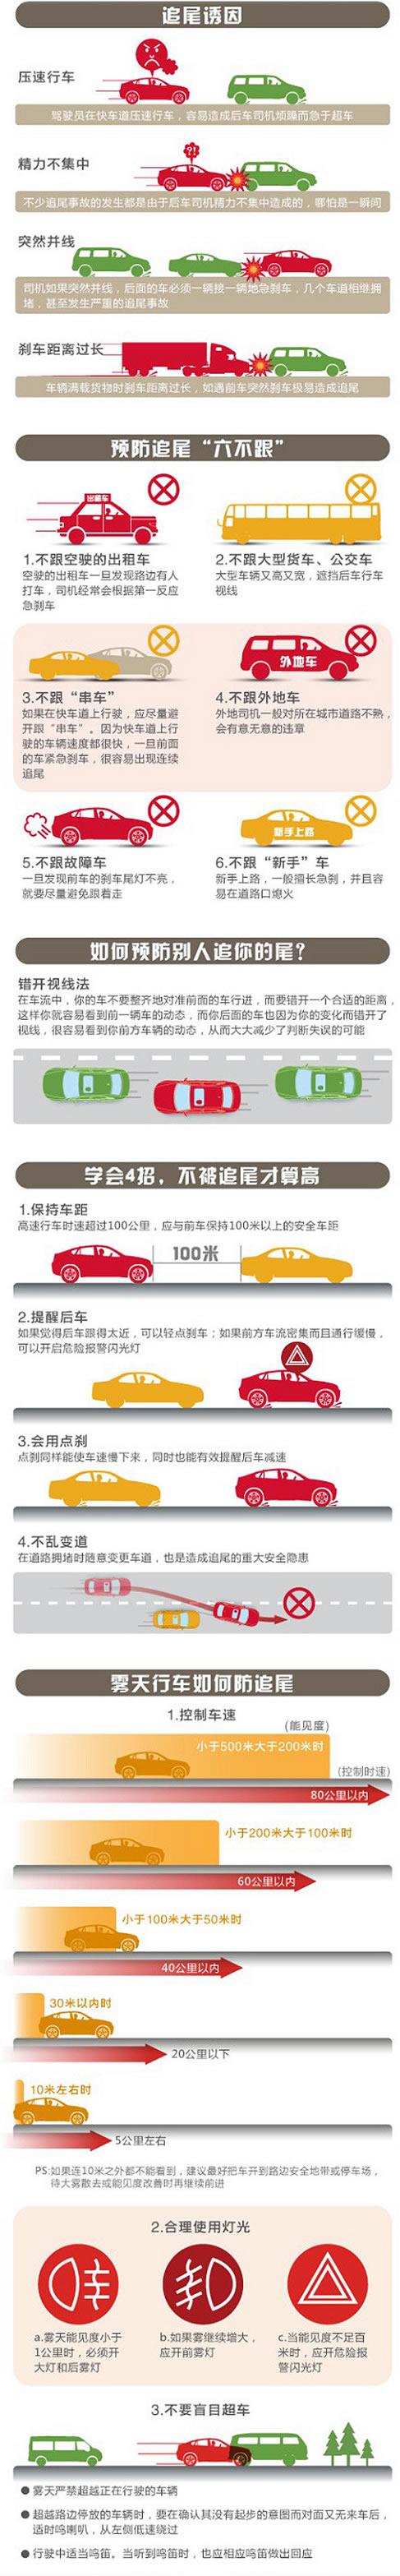 【文明在路上 安全在我心】预防车辆追尾教程 - 汾阳市公安局交警大队 - 汾阳交警